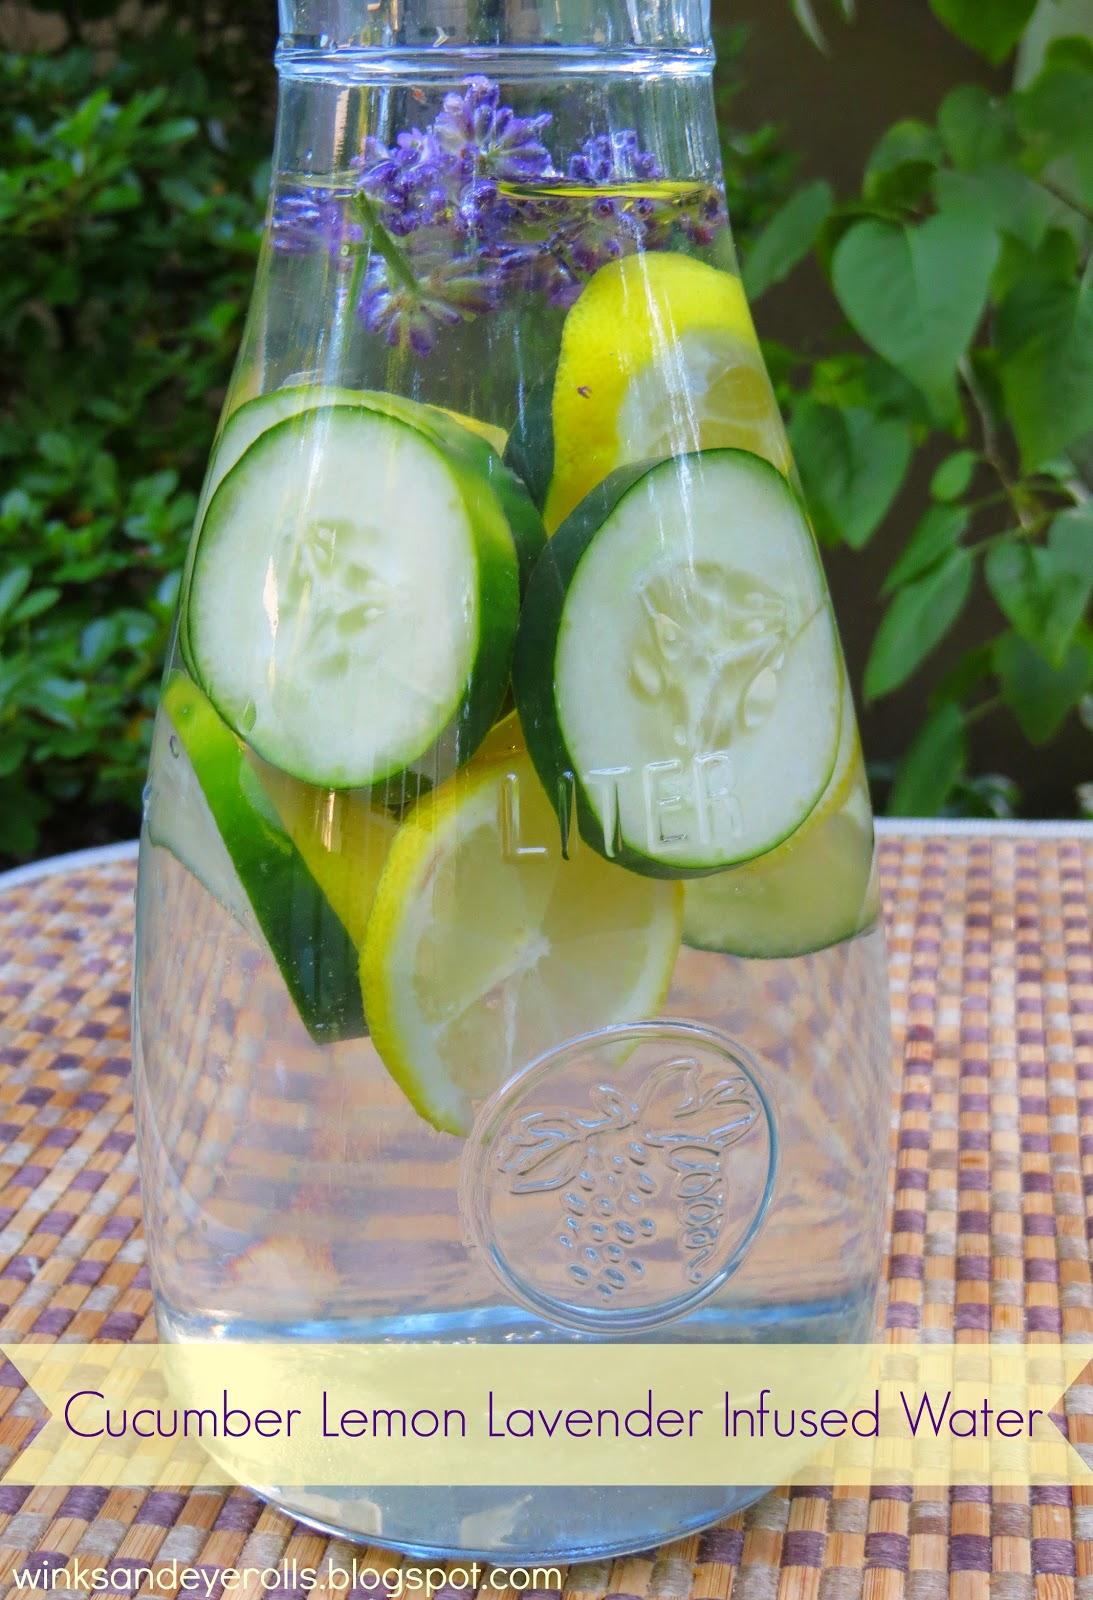 Cucumber Lemon Lavender Infused Water